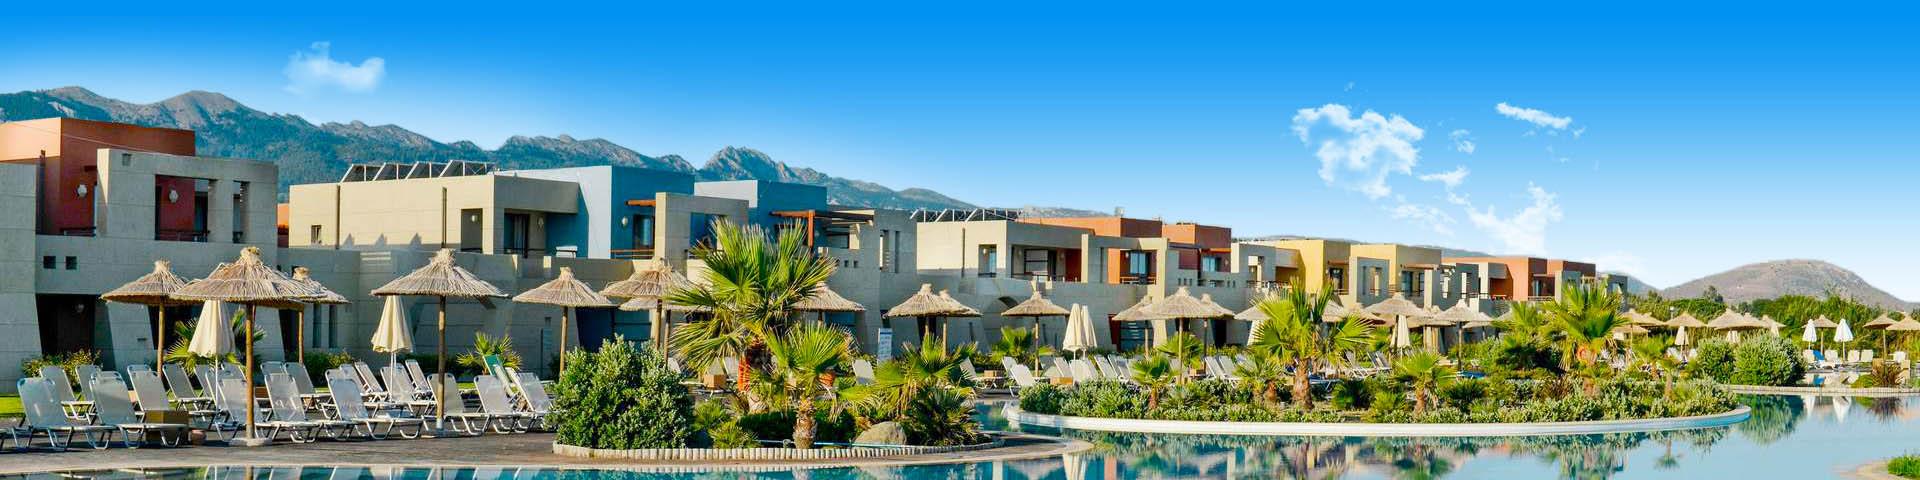 All inclusive resort met mooi zwembad in Kos, Griekenland